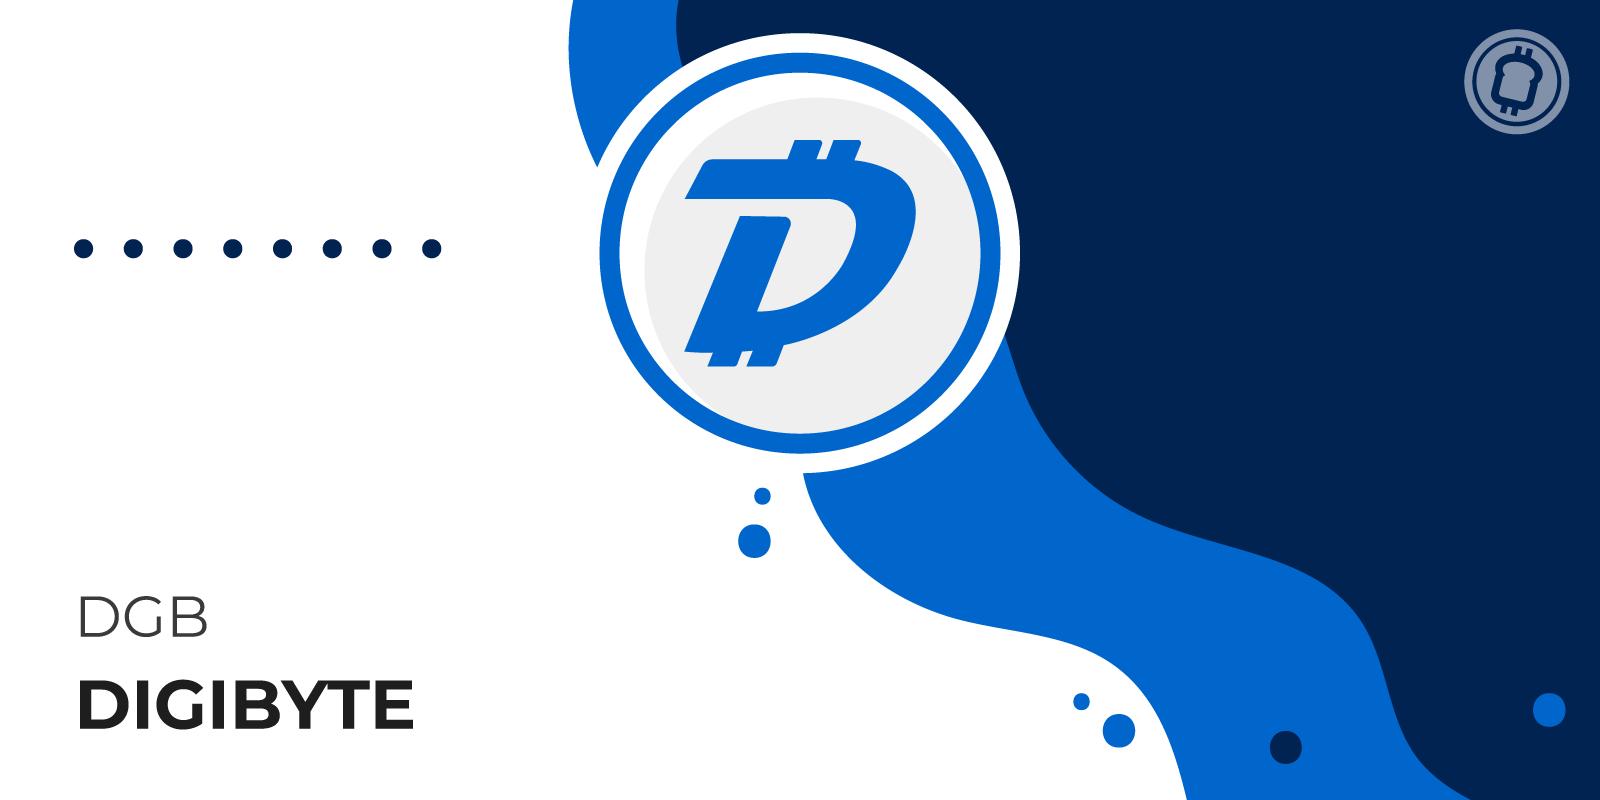 Qu'est-ce que DigiByte (DGB) et comment en acheter ?